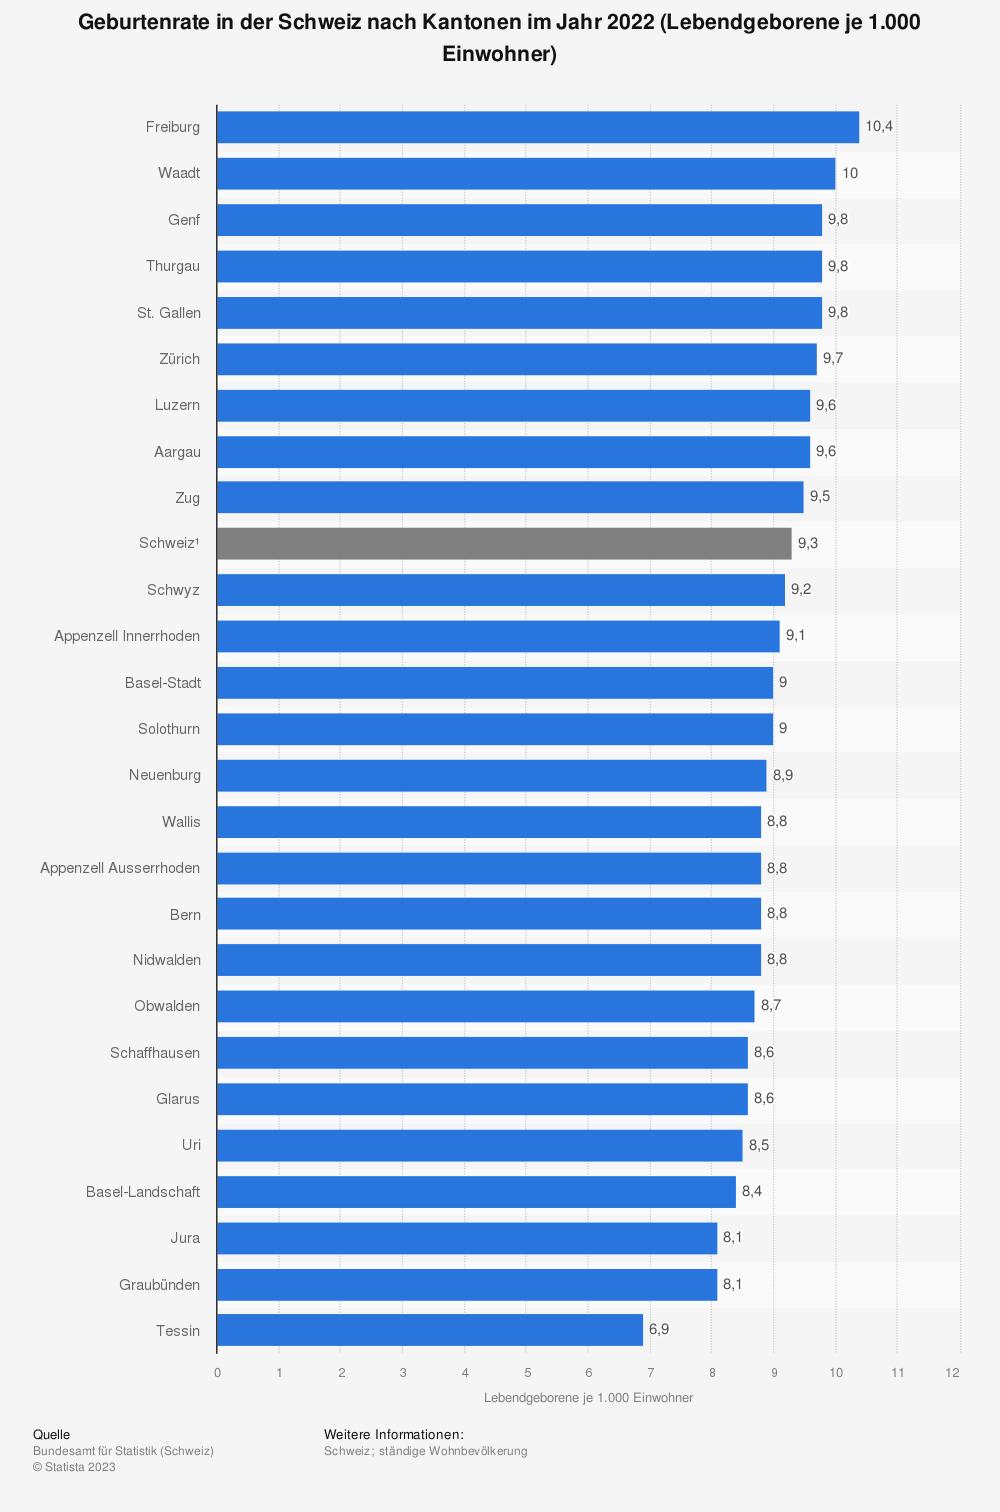 Statistik: Geburtenrate in der Schweiz nach Kantonen im Jahr 2018 (Lebendgeborene je 1.000 Einwohner) | Statista